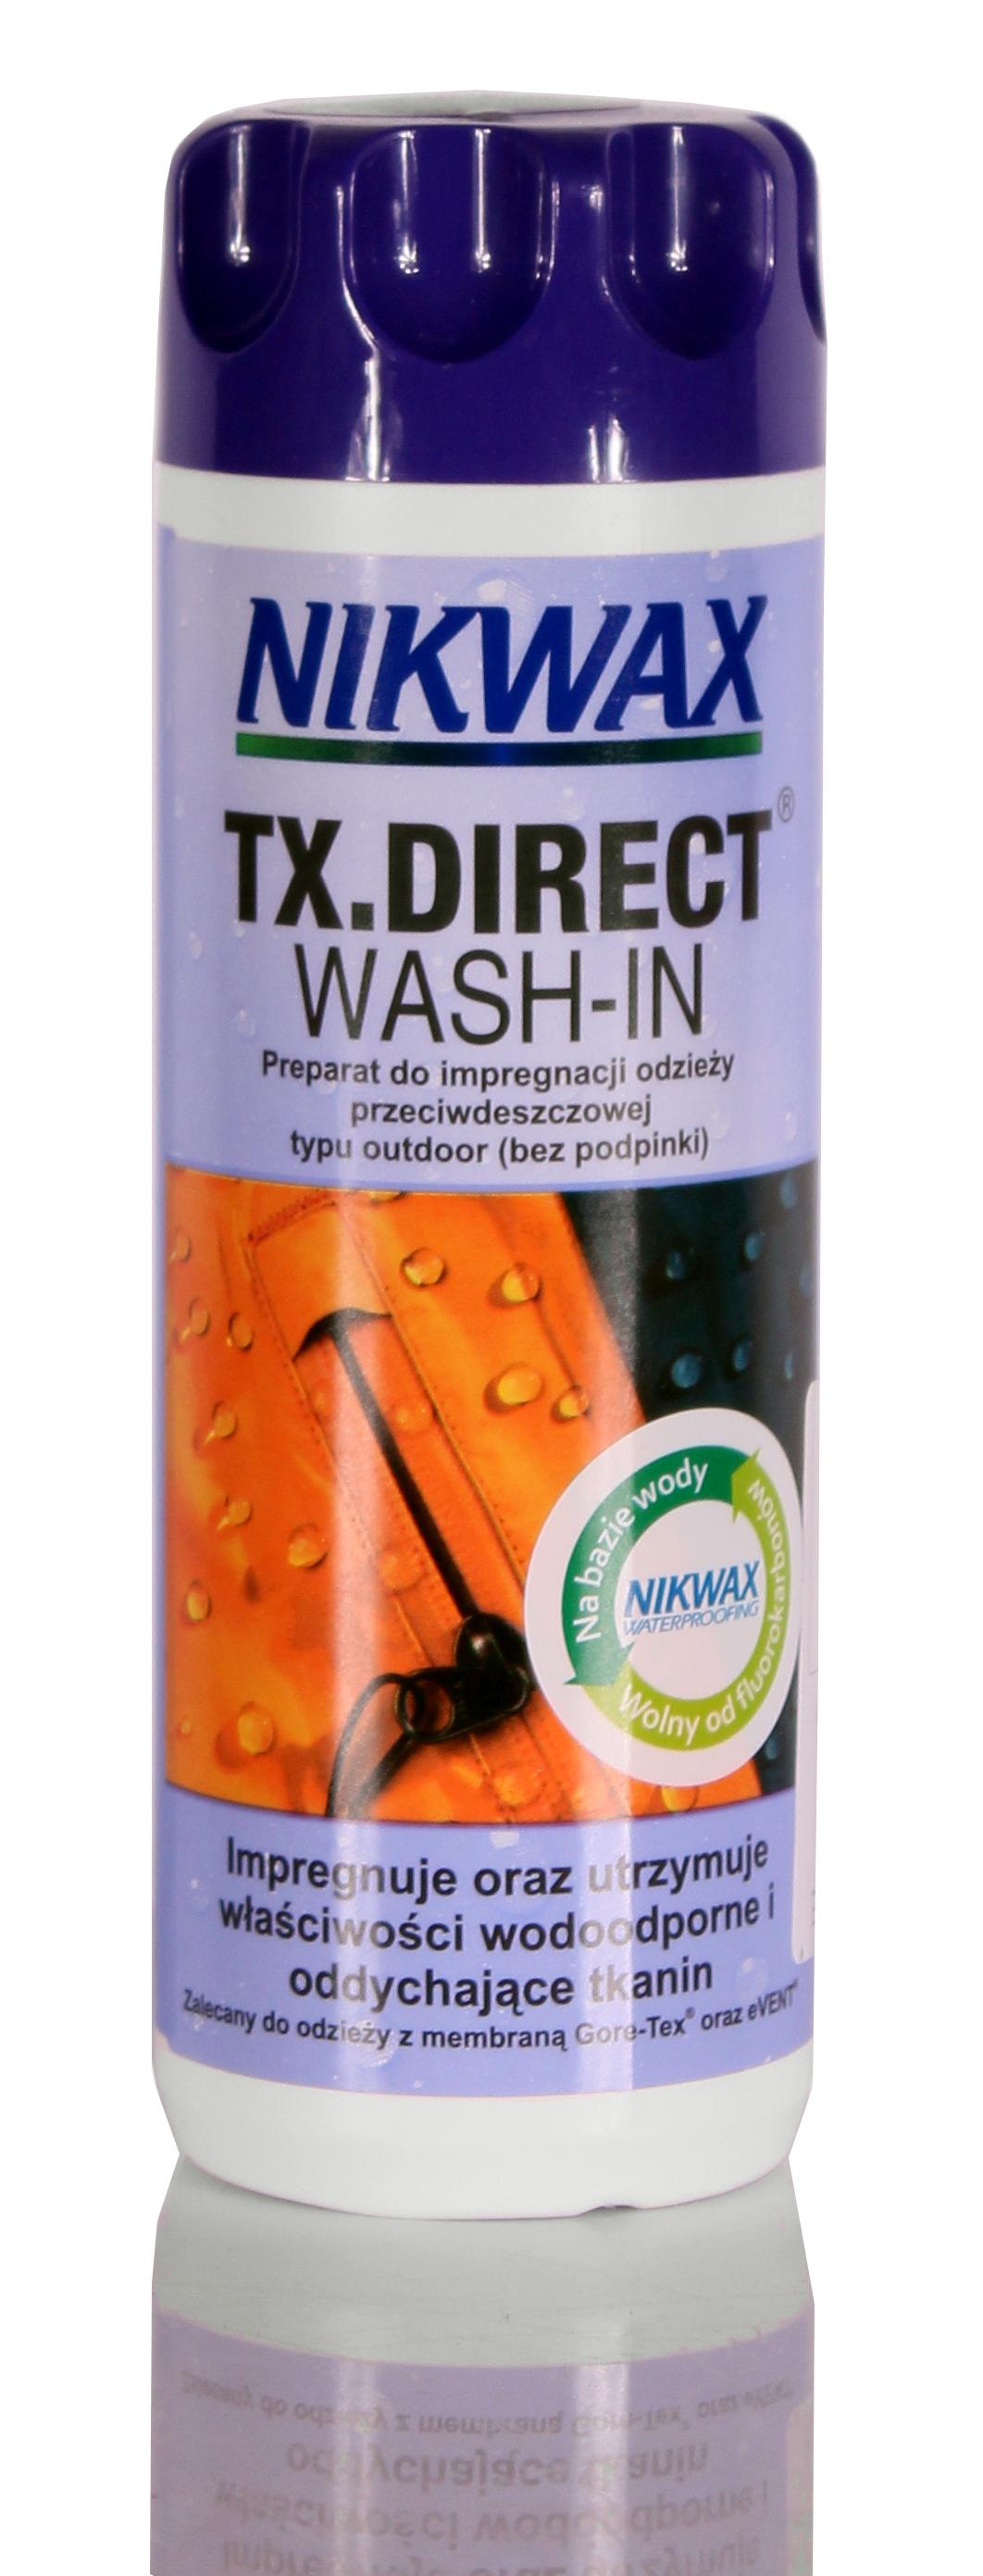 Impregnat Do Odzieży Wodoodpornej Nikwax (Tx.direct Wash-in)